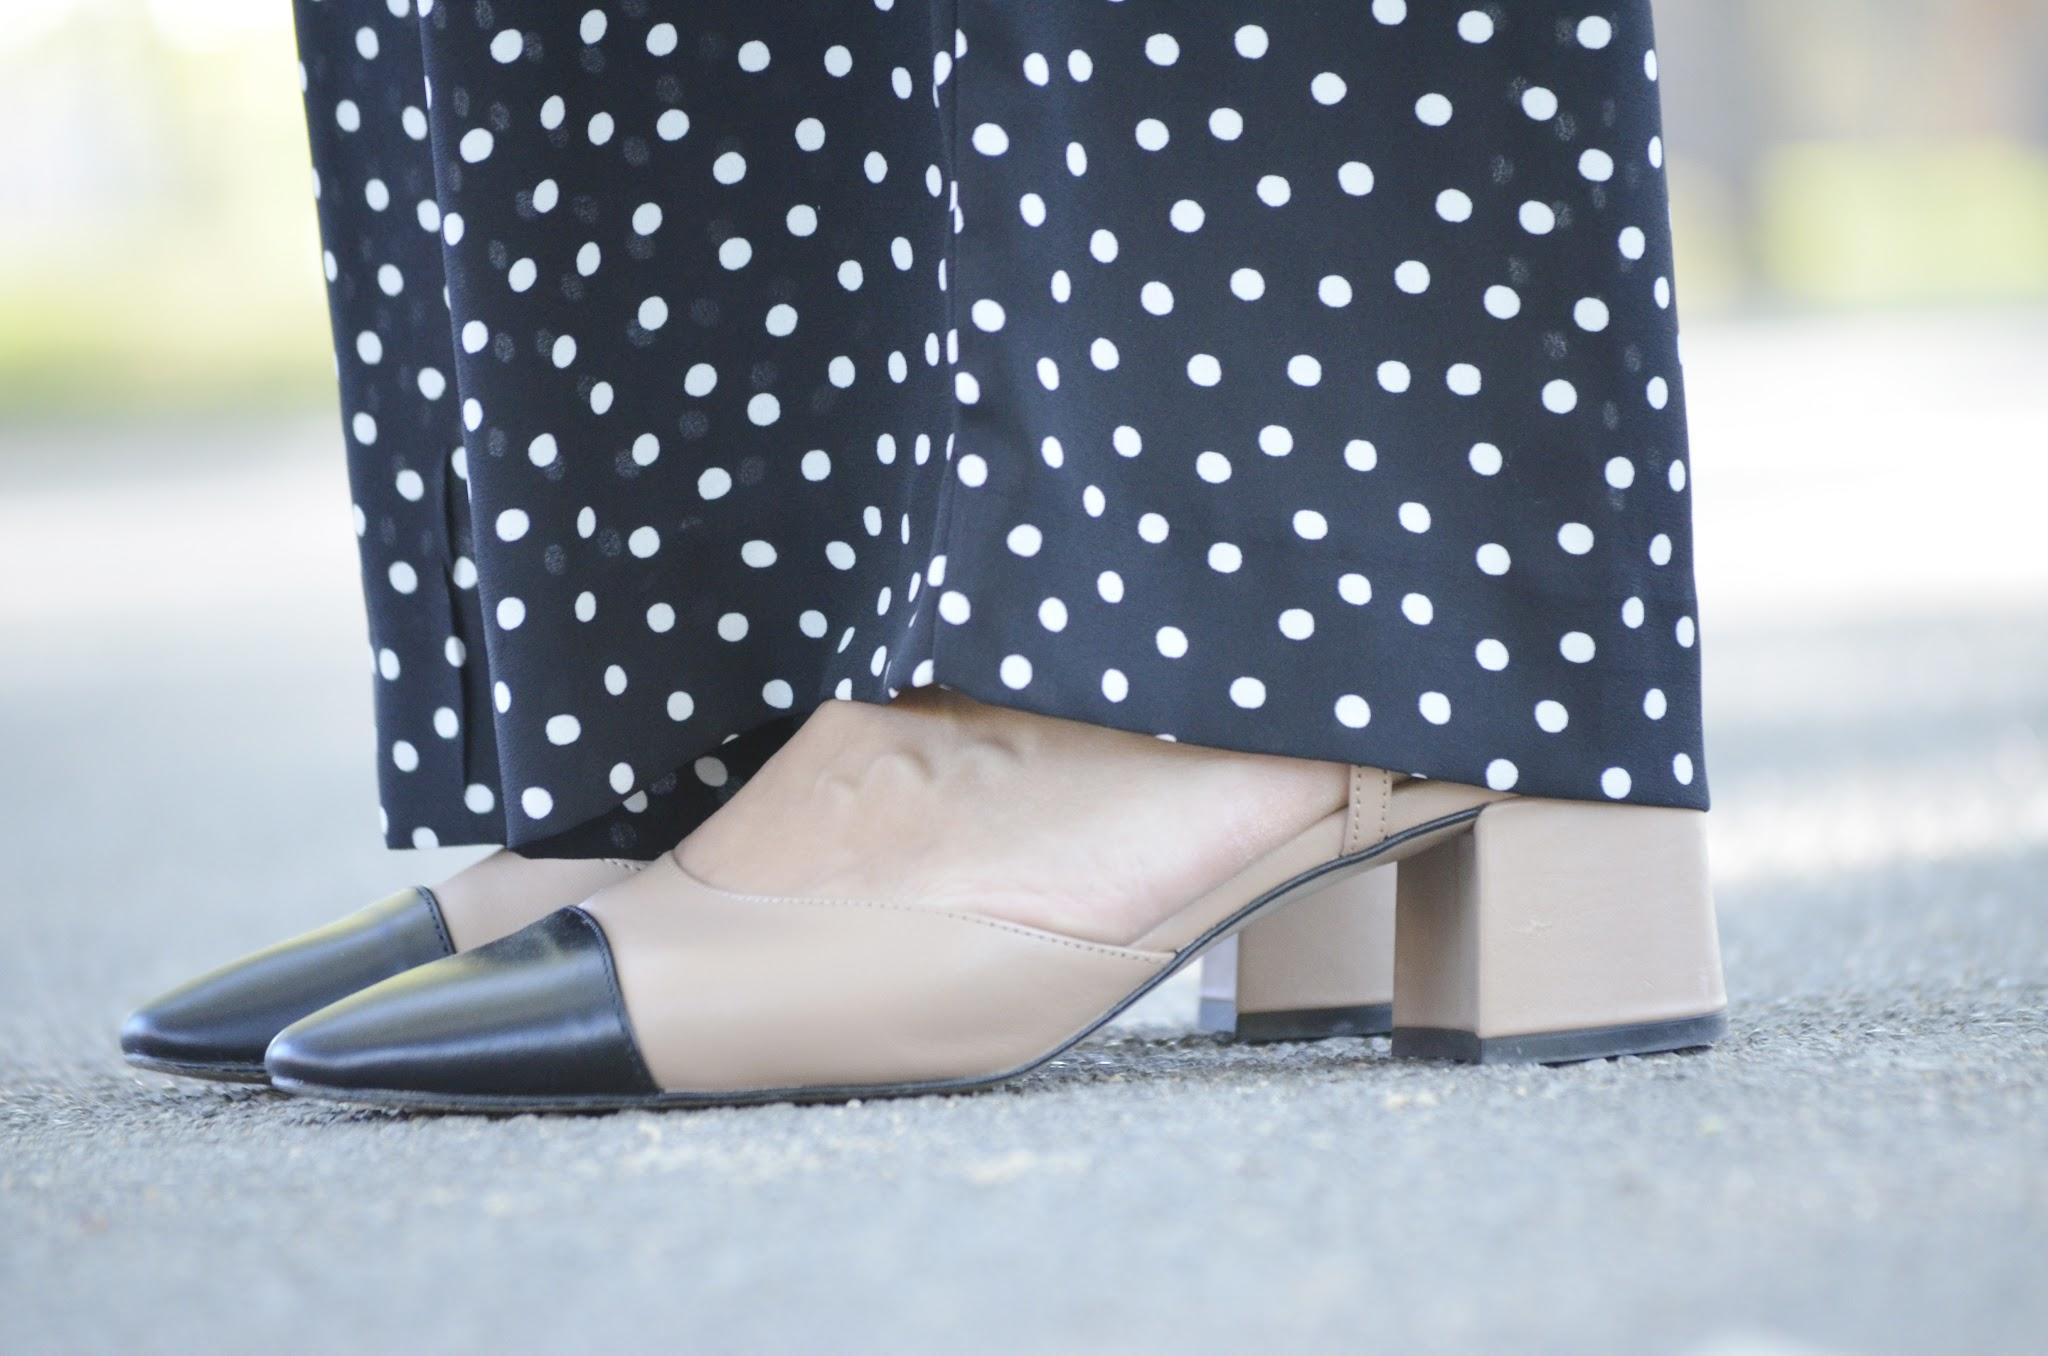 zapatos_destalonados_uterque_bicolor_clon_chanel